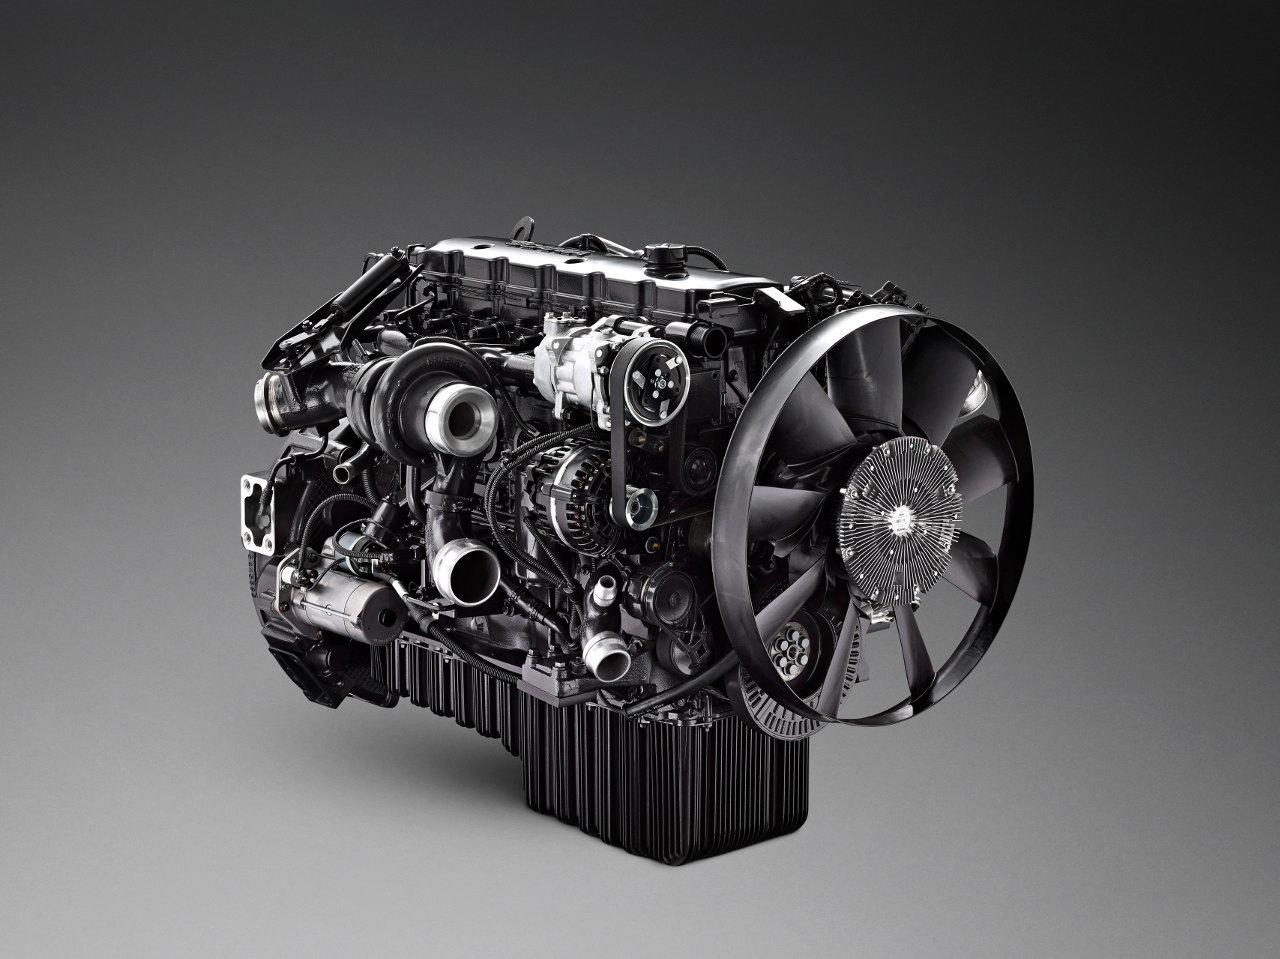 A Cumminstól származó, de Scania-perifériájú hétliteres motor jóval könnyebb és kisebb helyigényű a kilencliteresnél